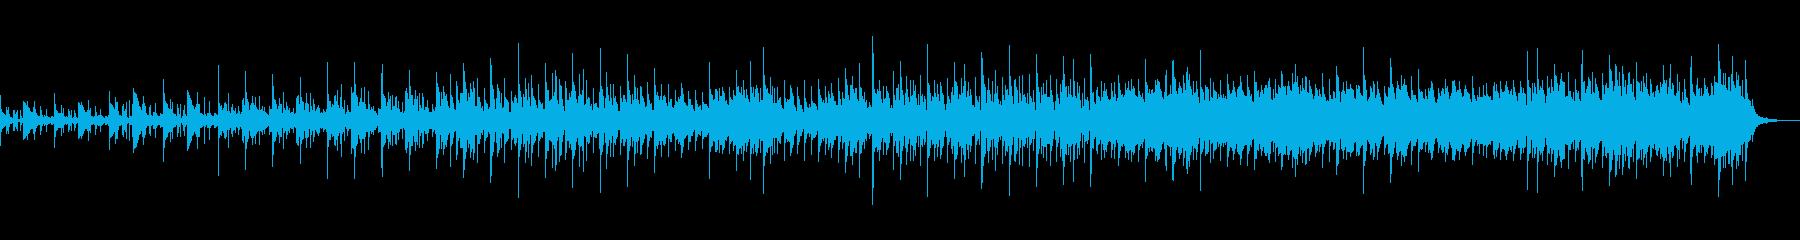 静寂で静かなるテクノポップの再生済みの波形